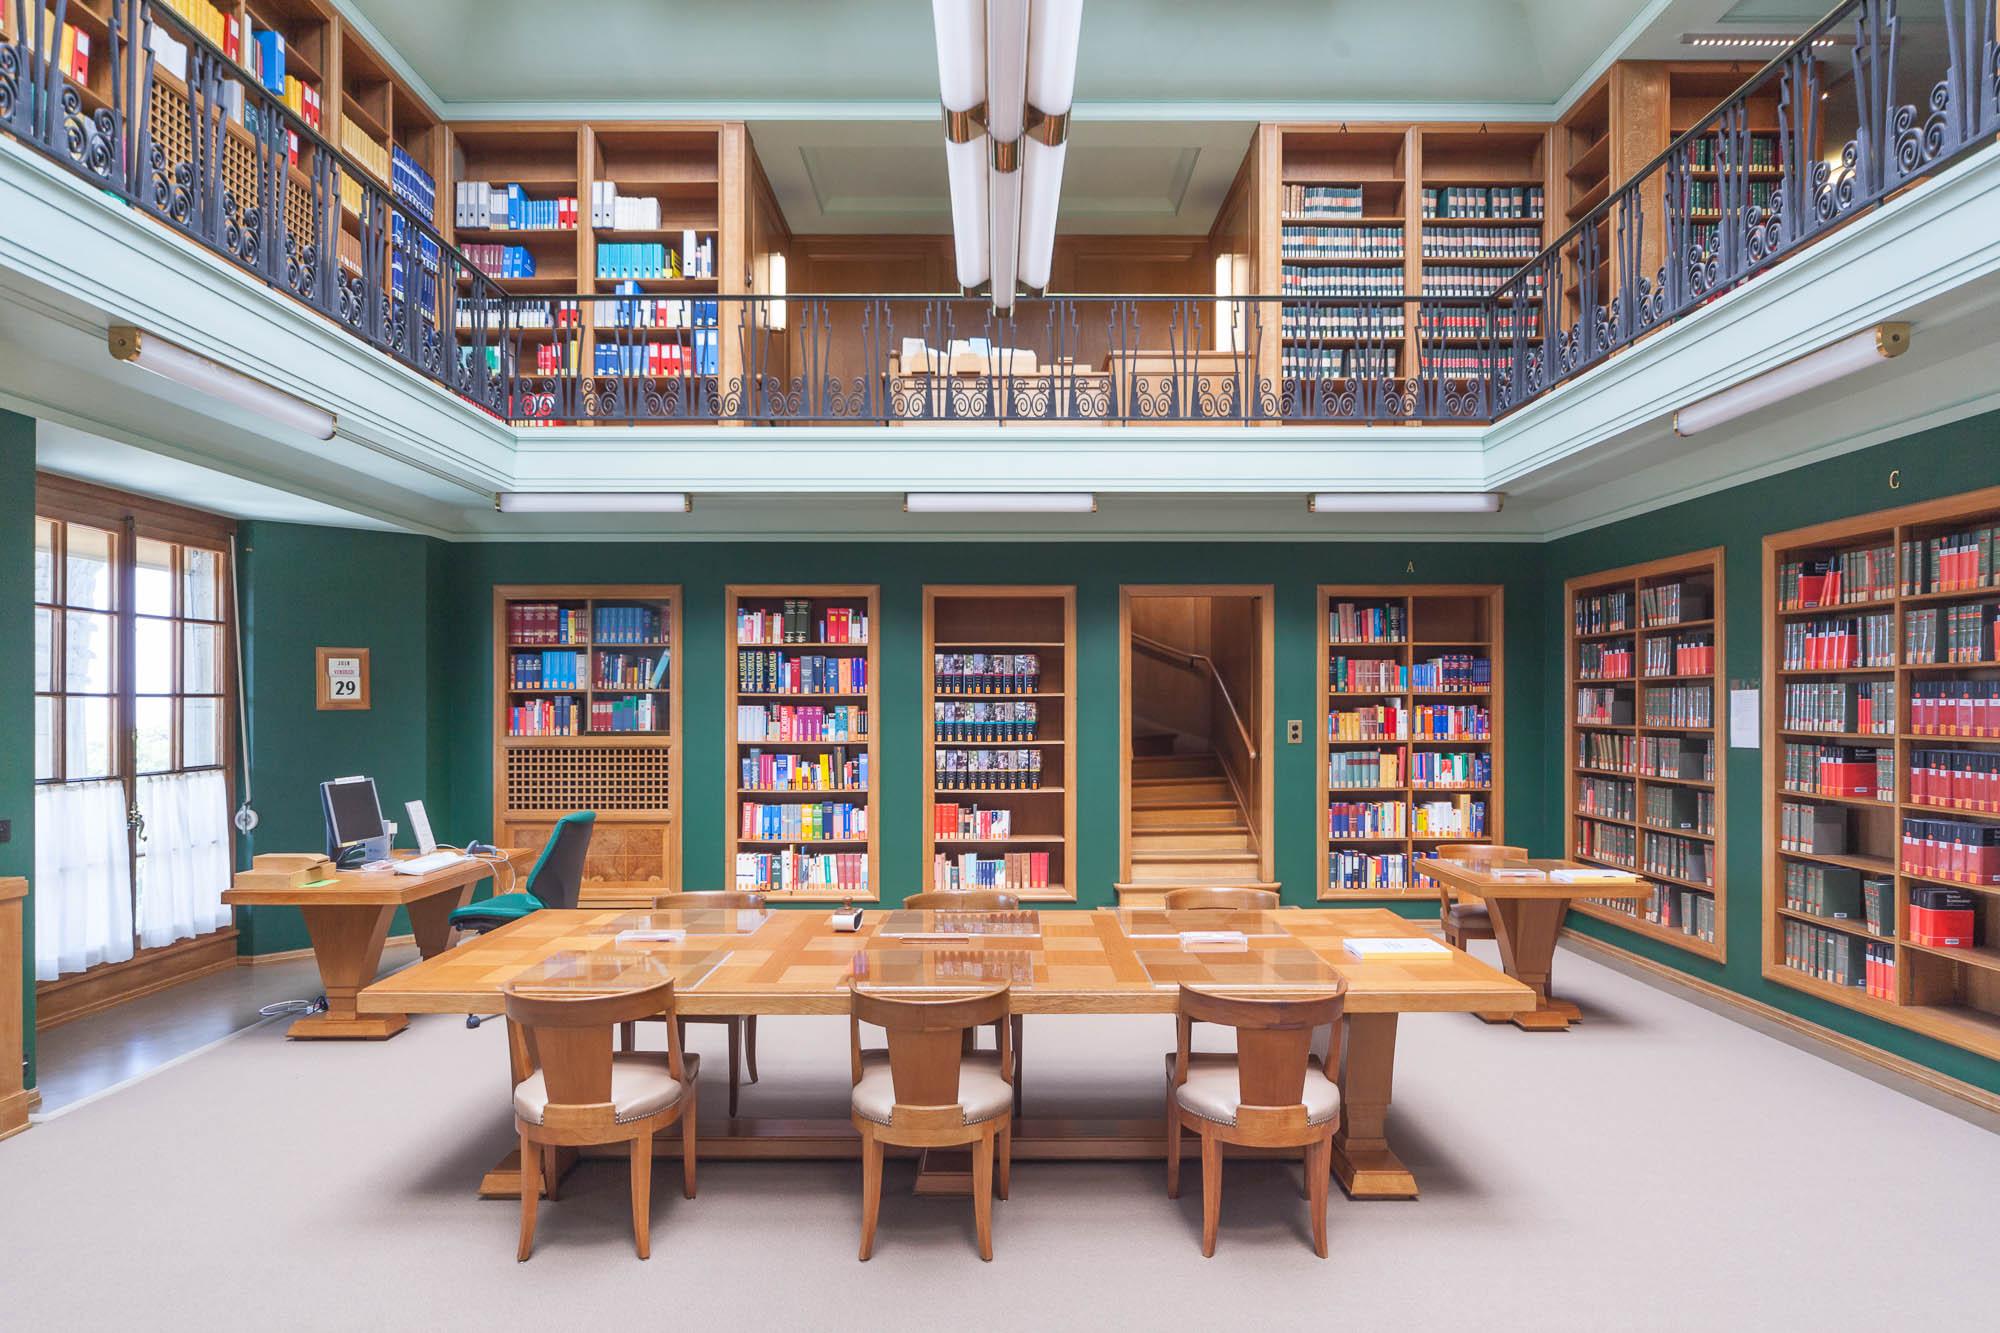 libraries � thomas guignard photography